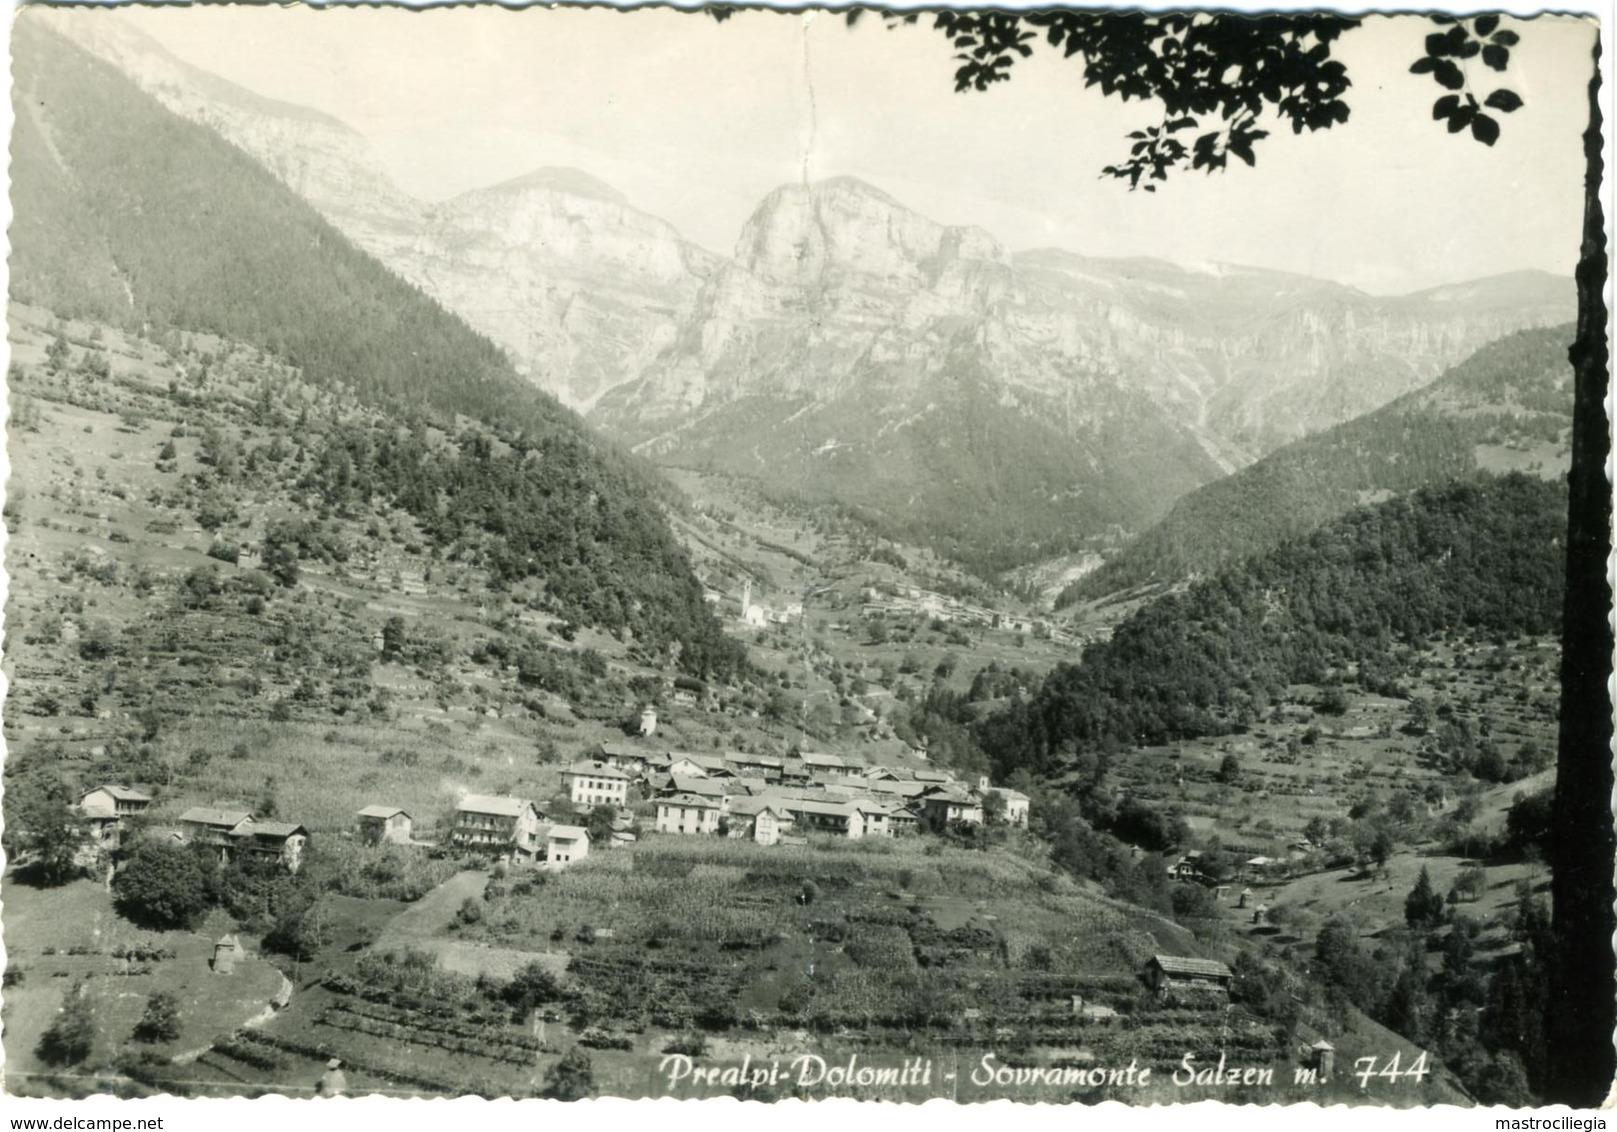 SALZEN  SOVRAMONTE  BELLUNO  Panorama  Prealpi -Dolomiti  Cachet Locanda Pavione Aune - Belluno